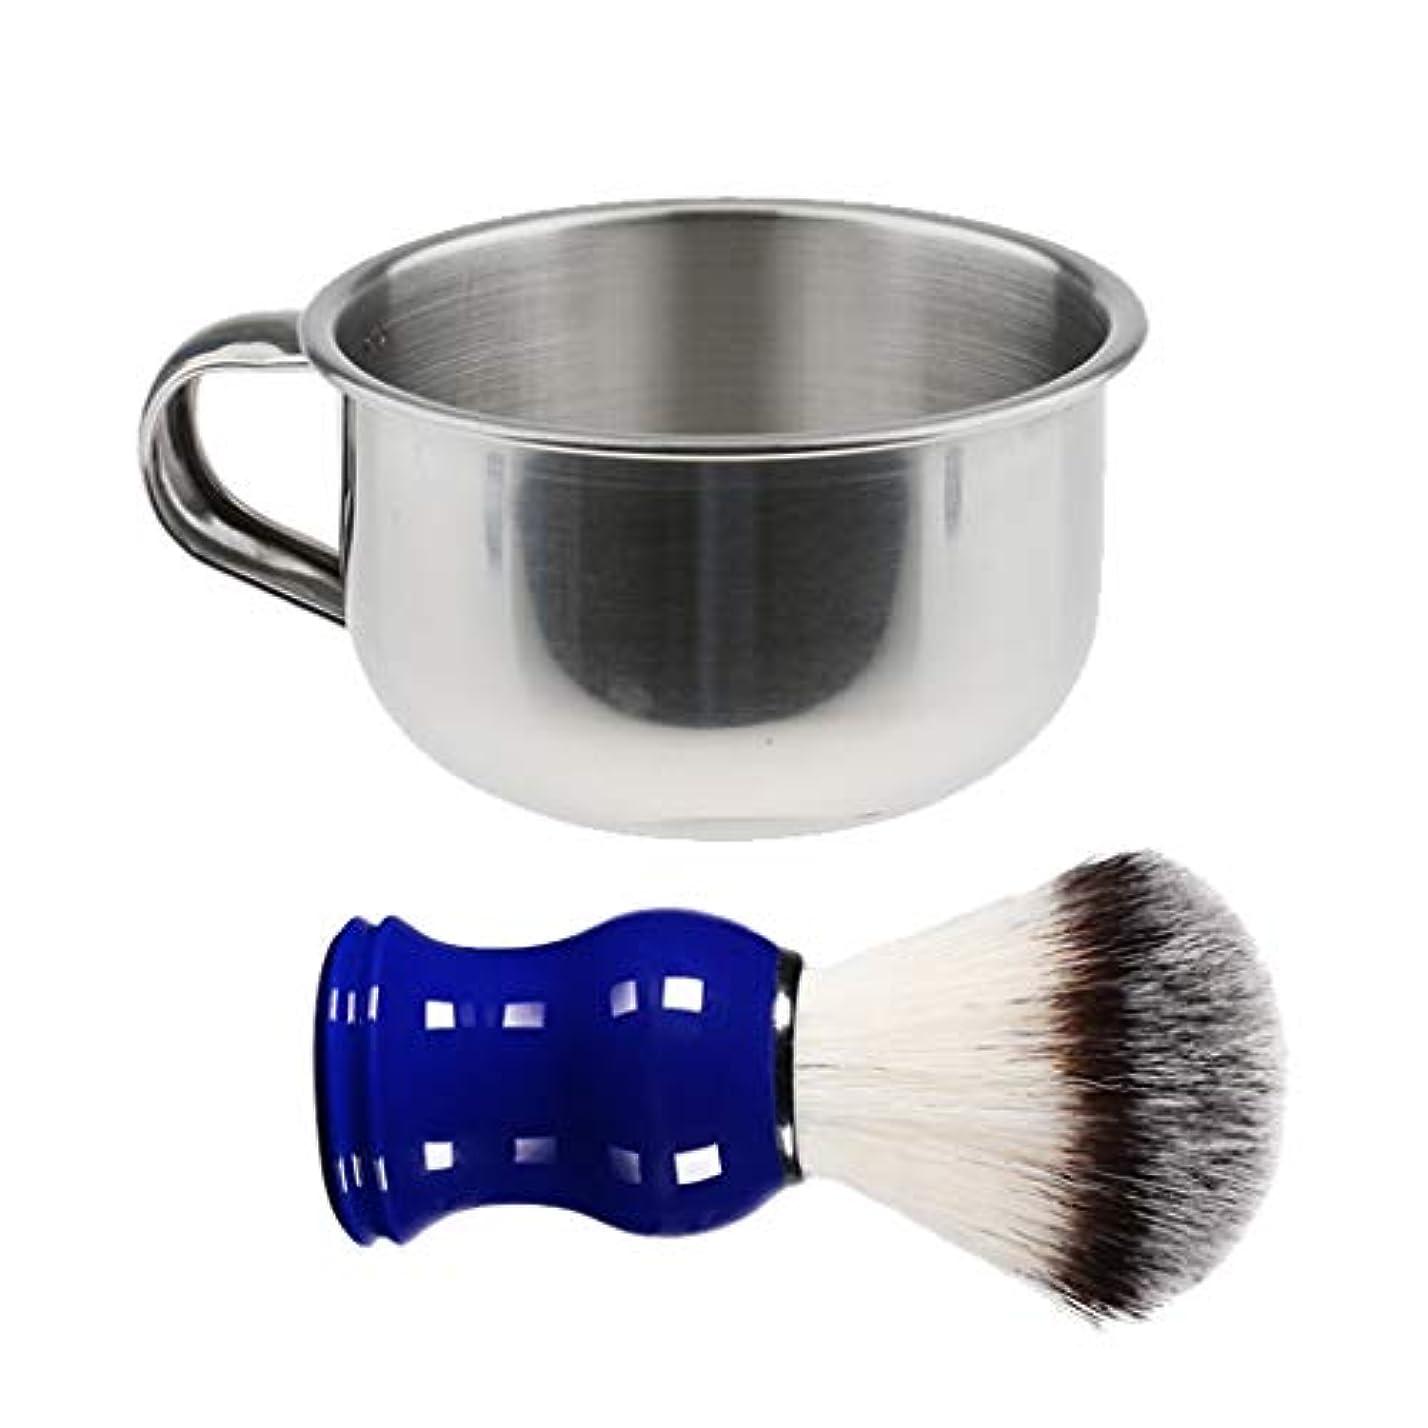 インフレーション分類キュービックシェービング マグ ボウル カップ メンズ シェービングブラシ 理容 洗顔 髭剃り 泡立ち ギフト